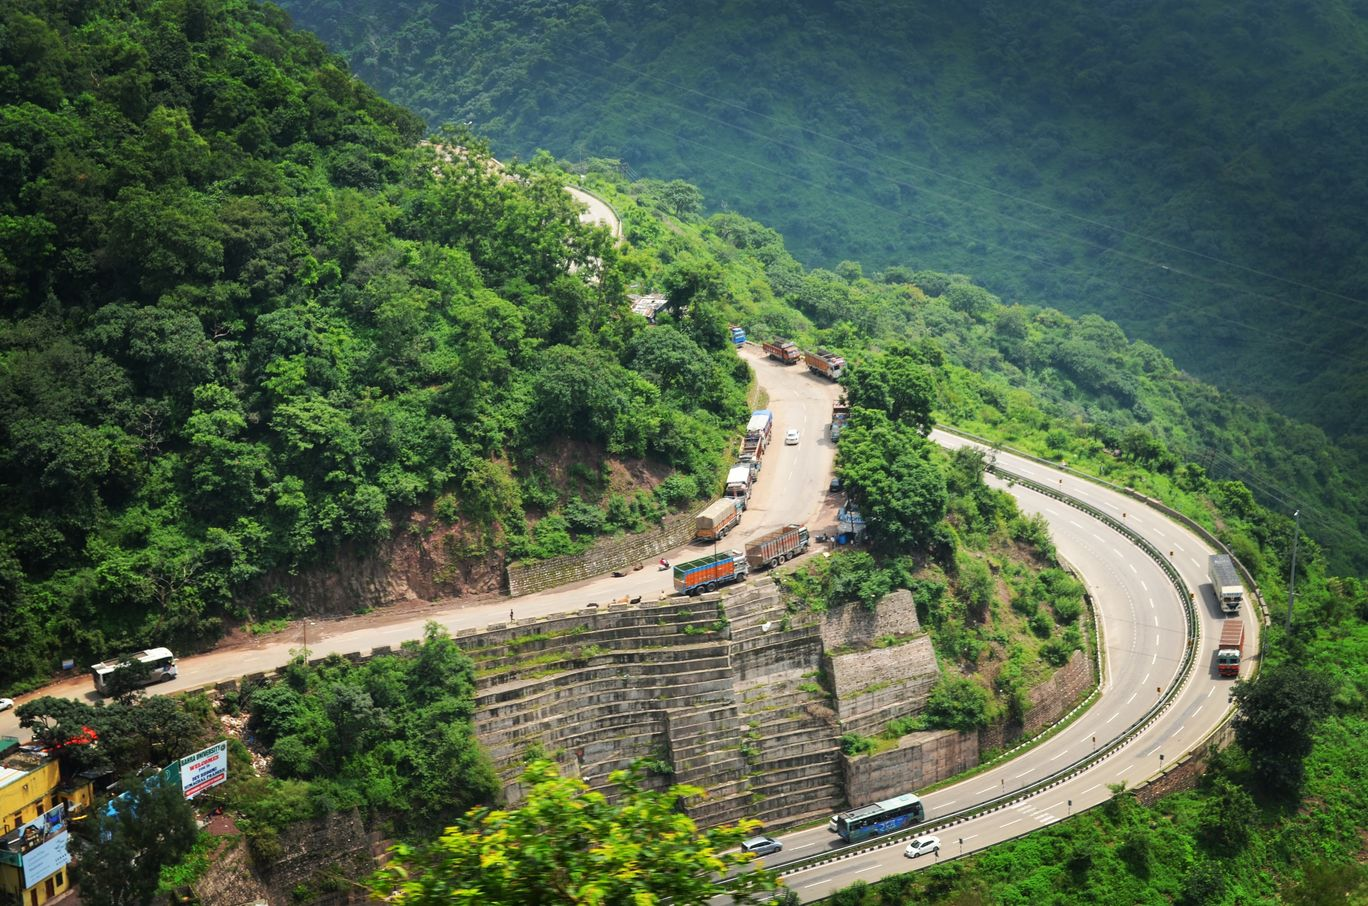 Photo of Shimla By Priyanka Nair